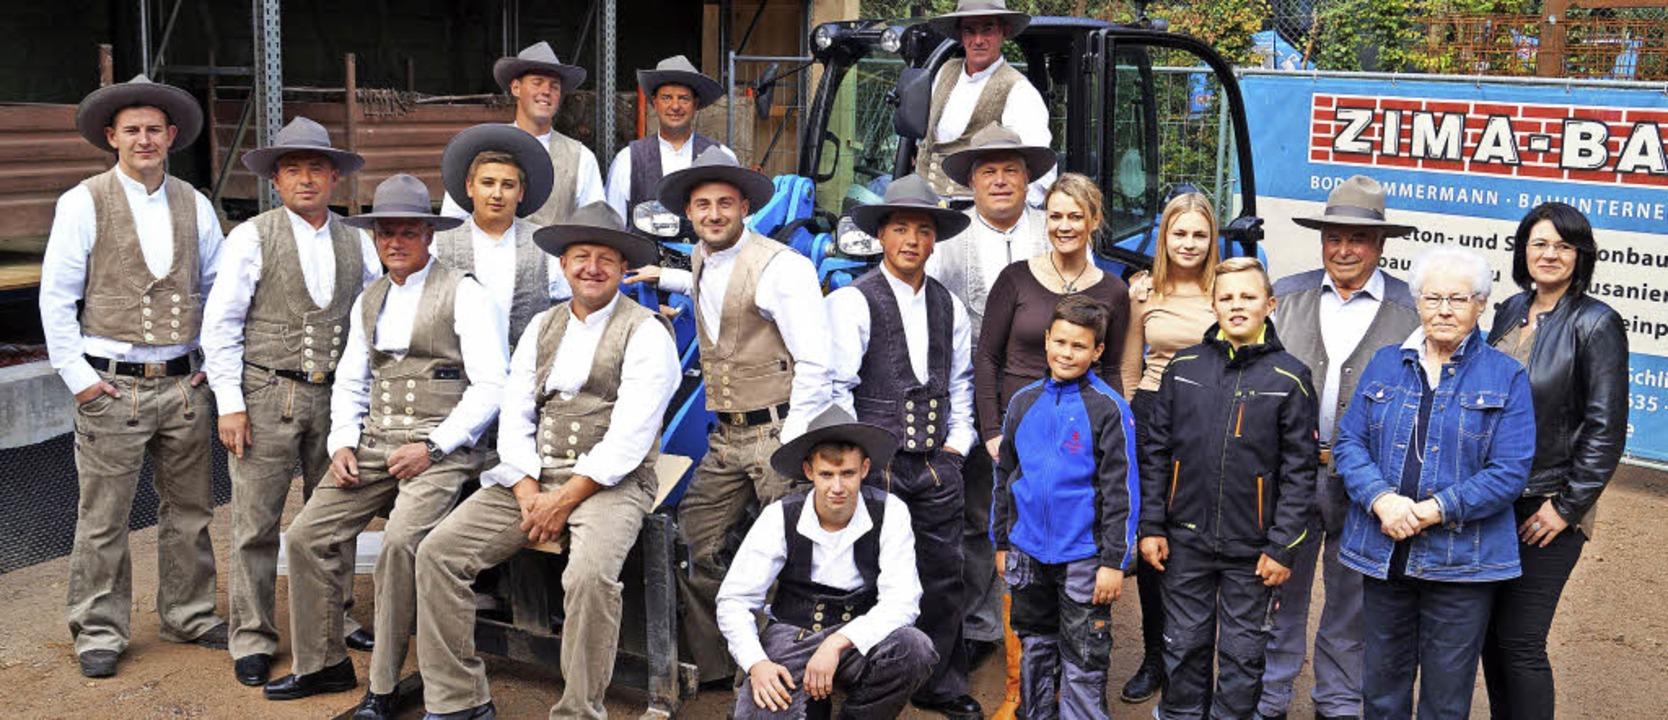 Großes Gruppenbild mit Mitarbeitern un... Bodo Zimmermann (Achter von rechts).   | Foto: Silke Hartenstein